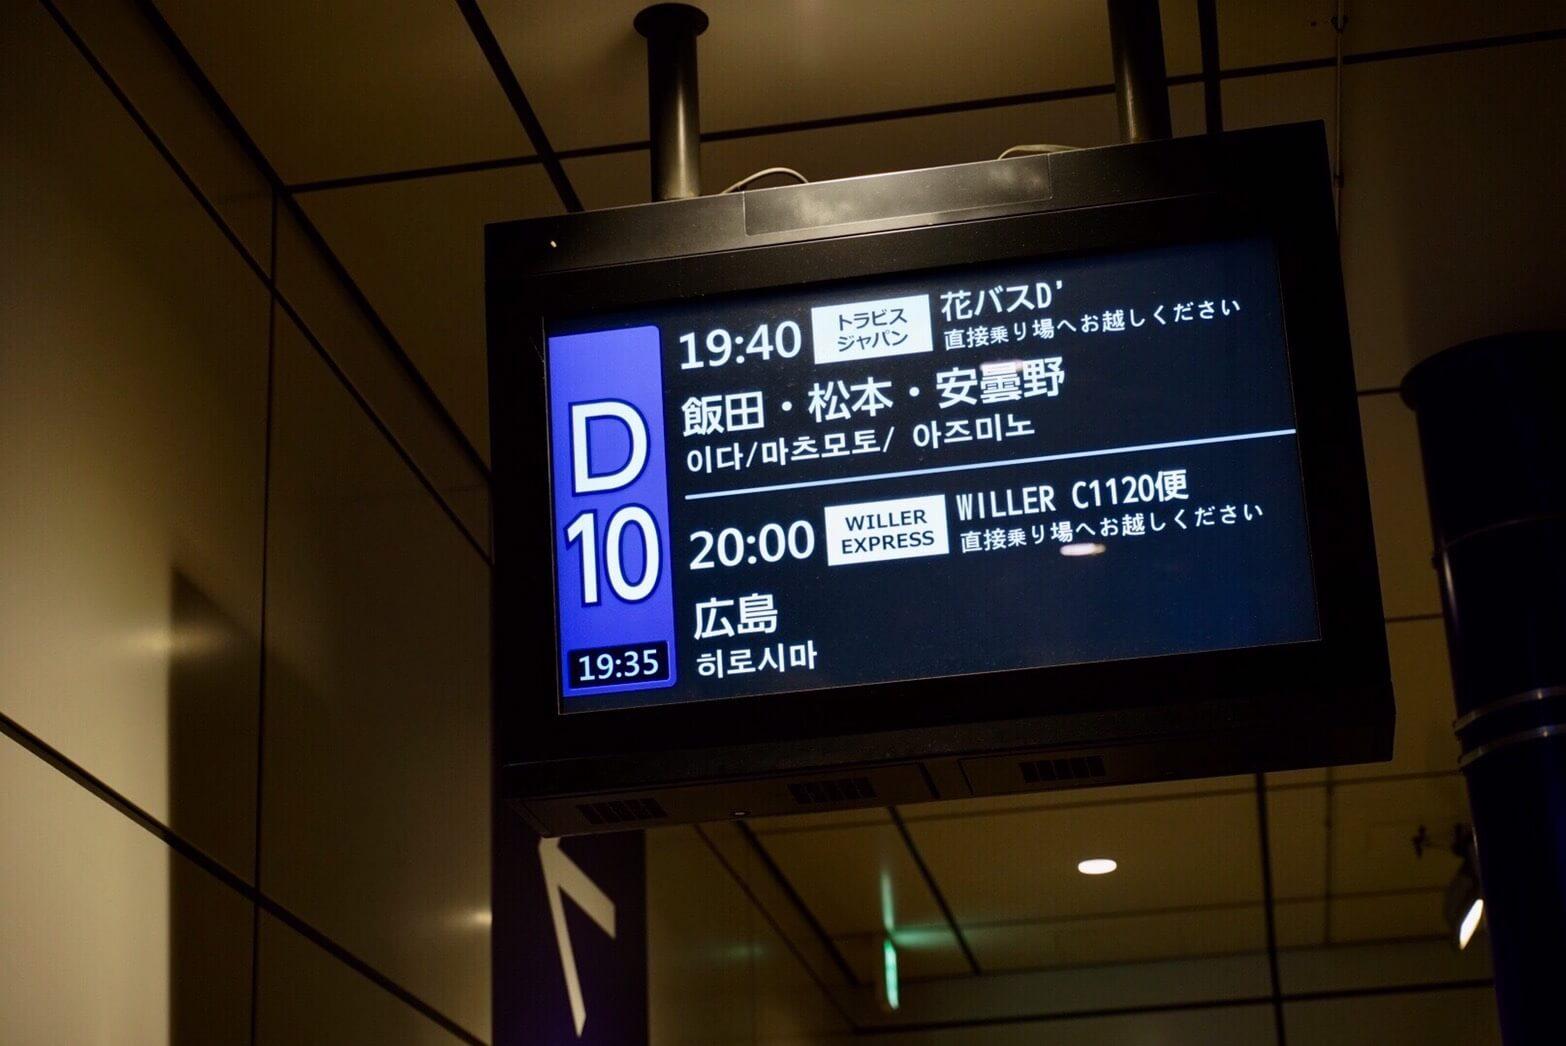 ちょっと長野の松川町に行ってきます|旅、長野。